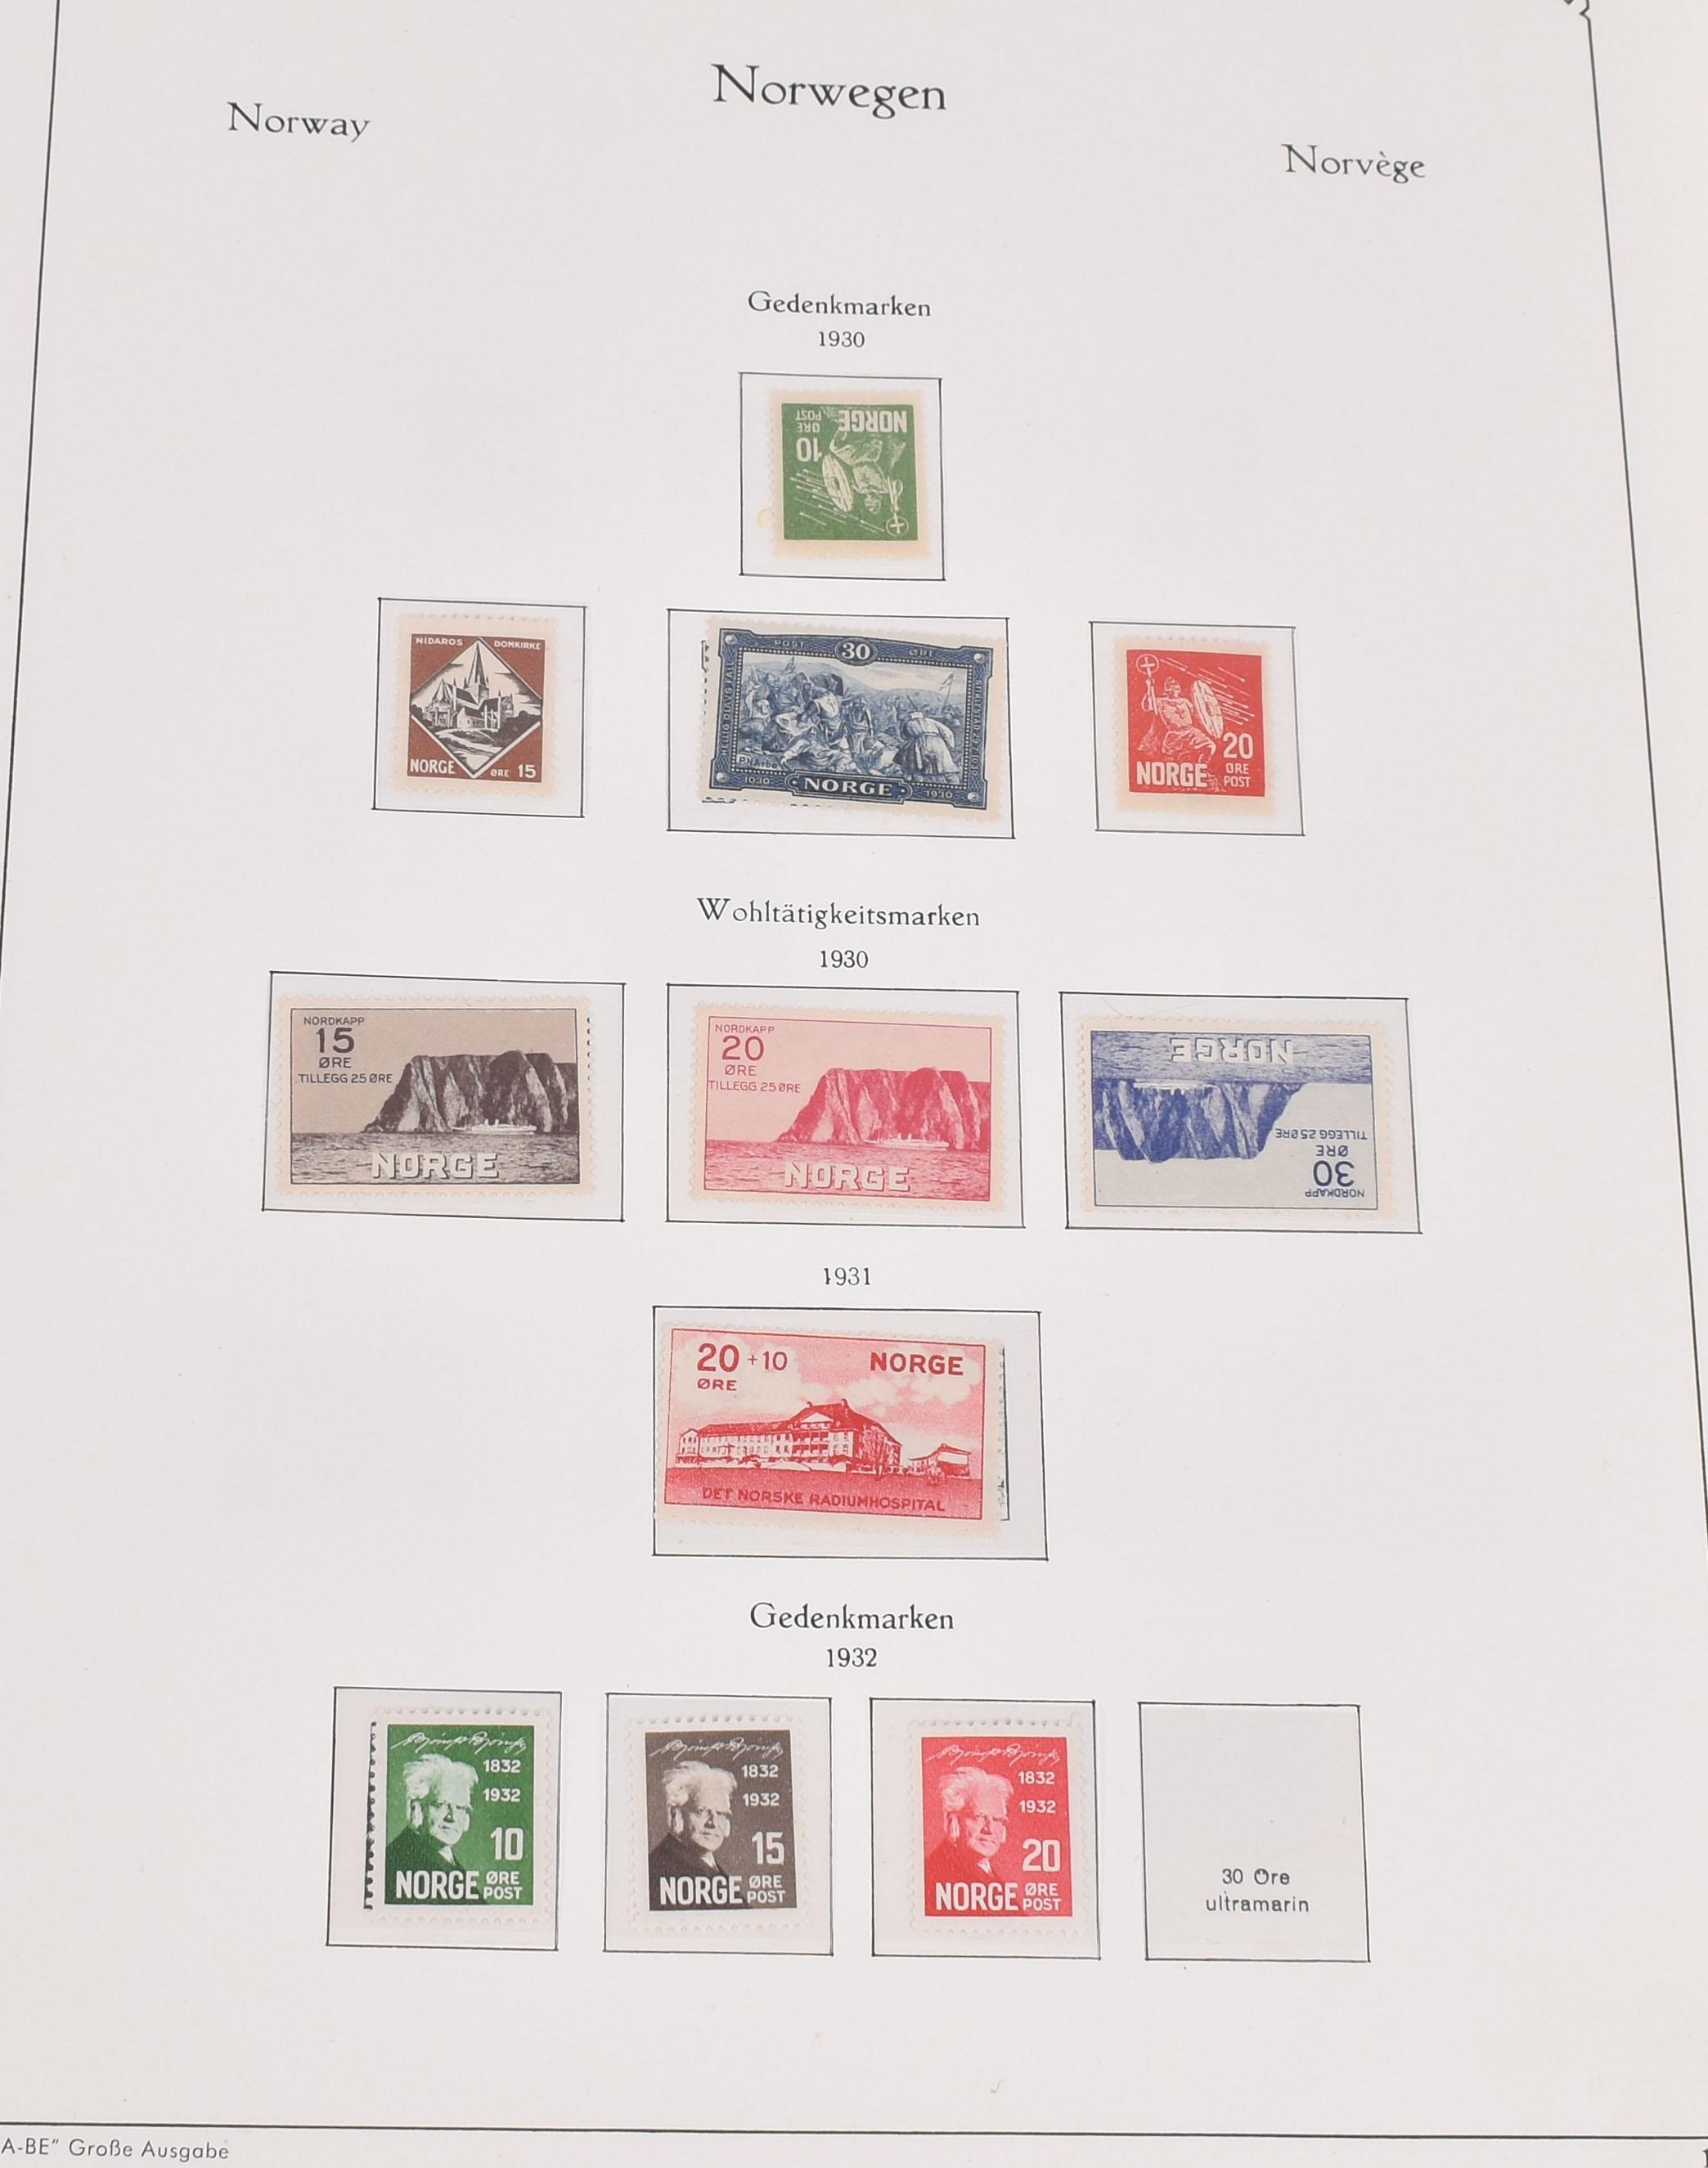 Lot 4846 - Samlinger/lotter over 1000,-  -  Skanfil Auksjoner AS  Public auction 211